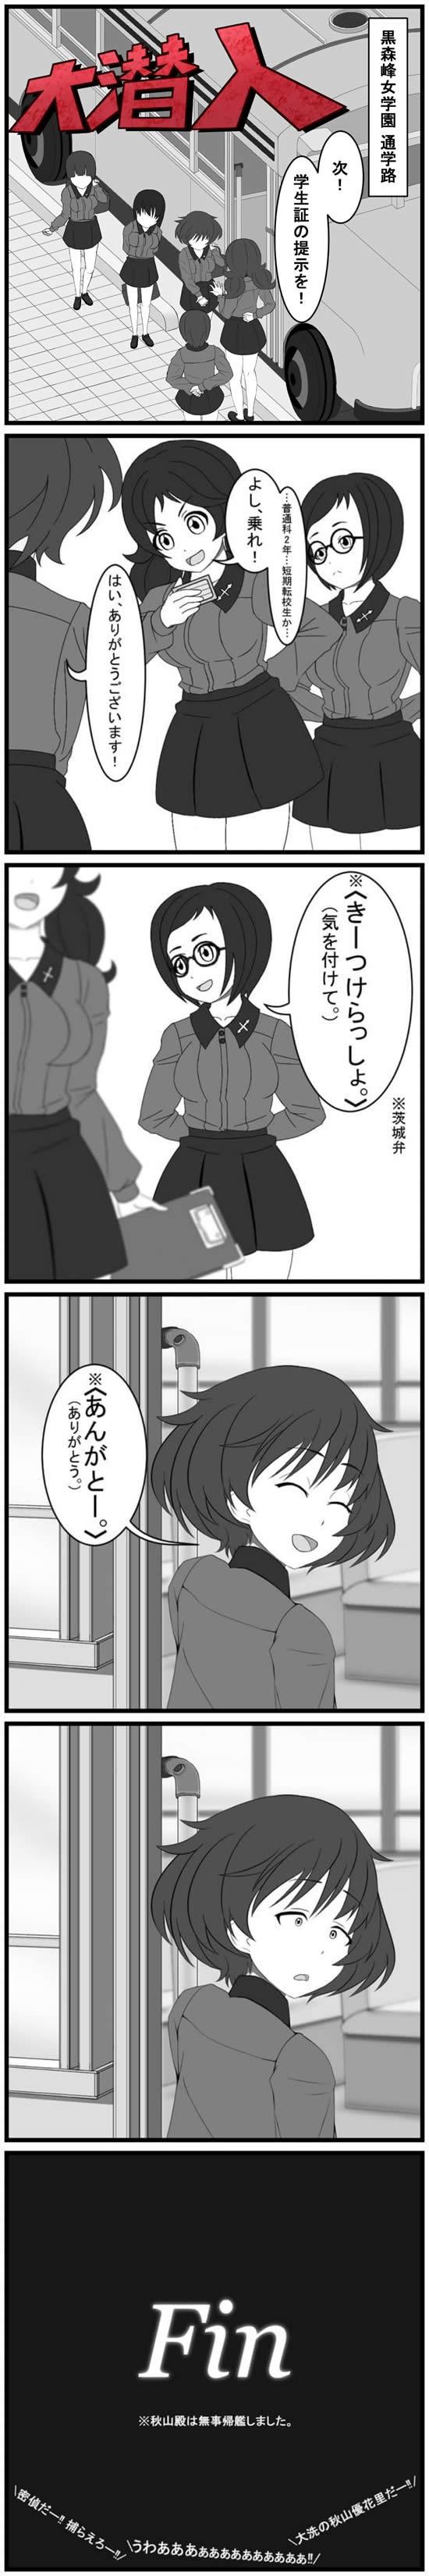 ガールズ&パンツァー 黒森峰女学園 スパイ 秋山優花里 漫画